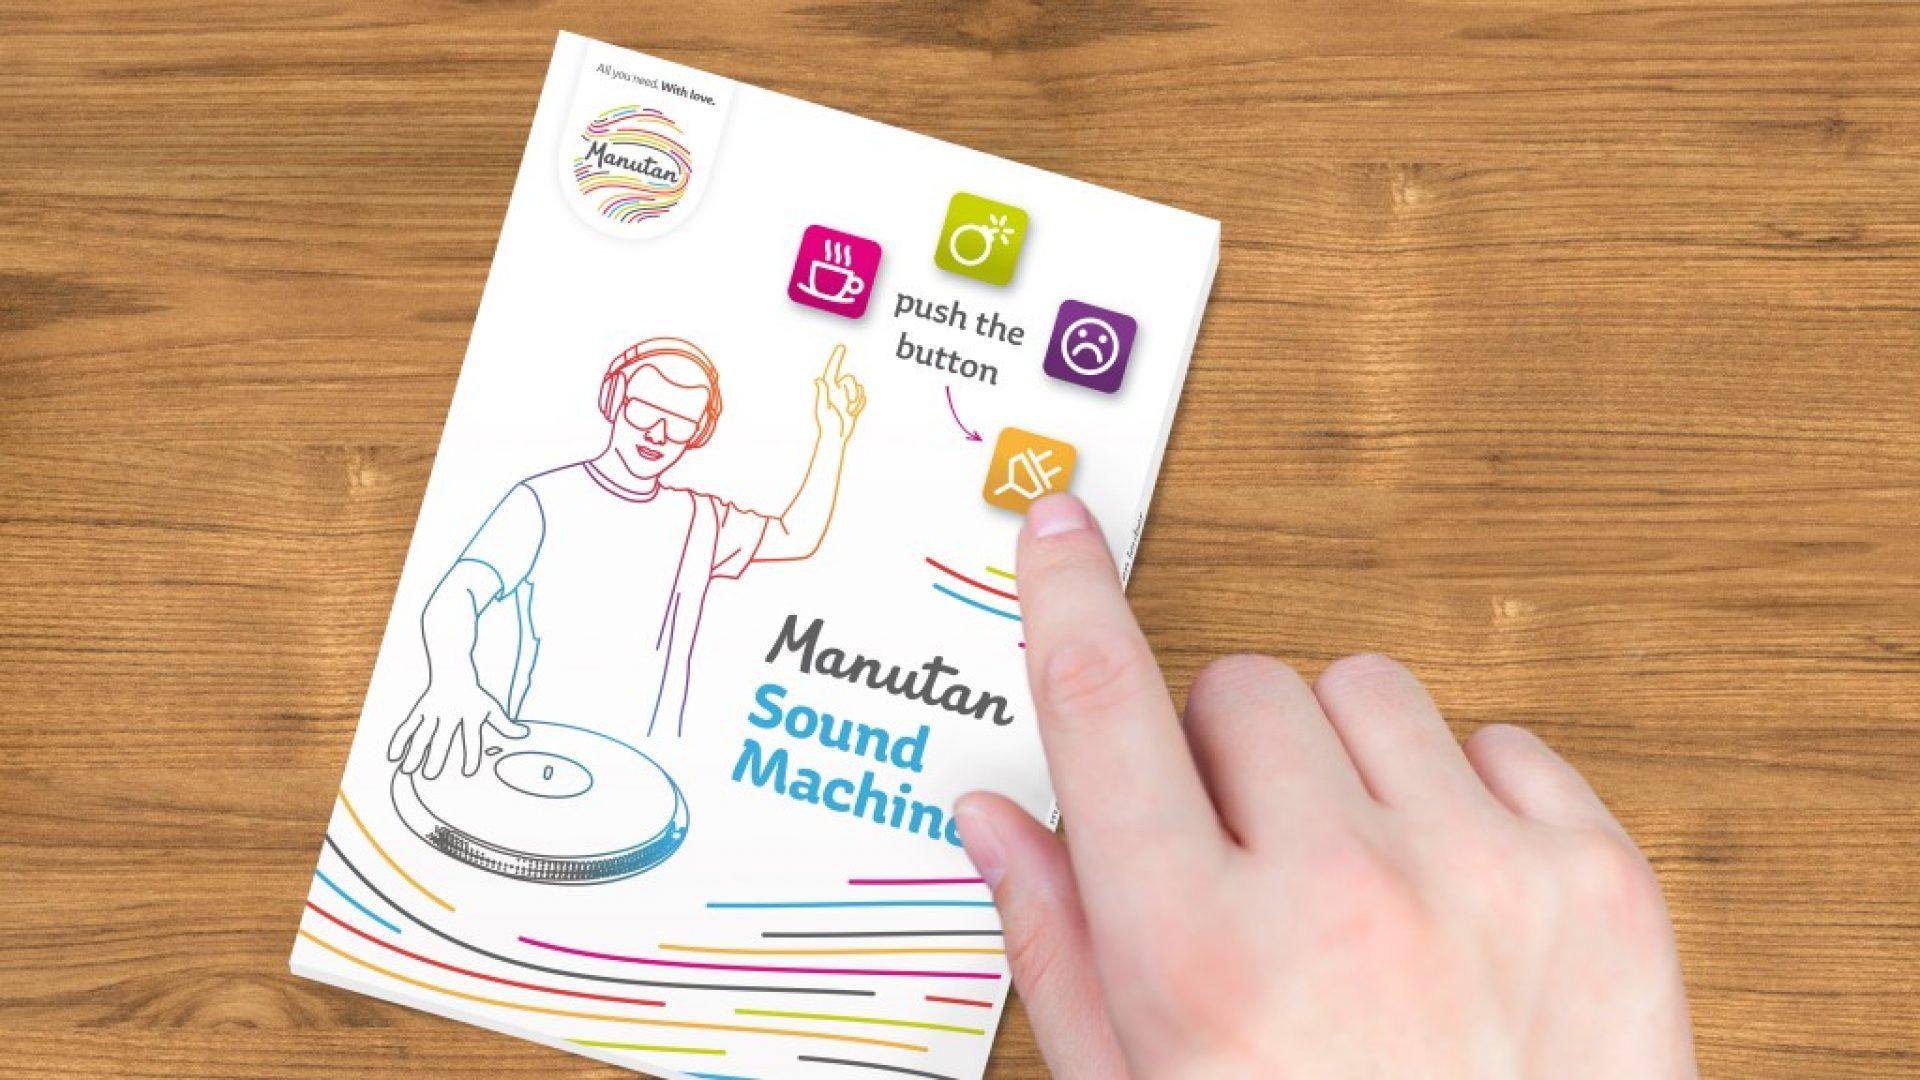 manutan_soundmachine1